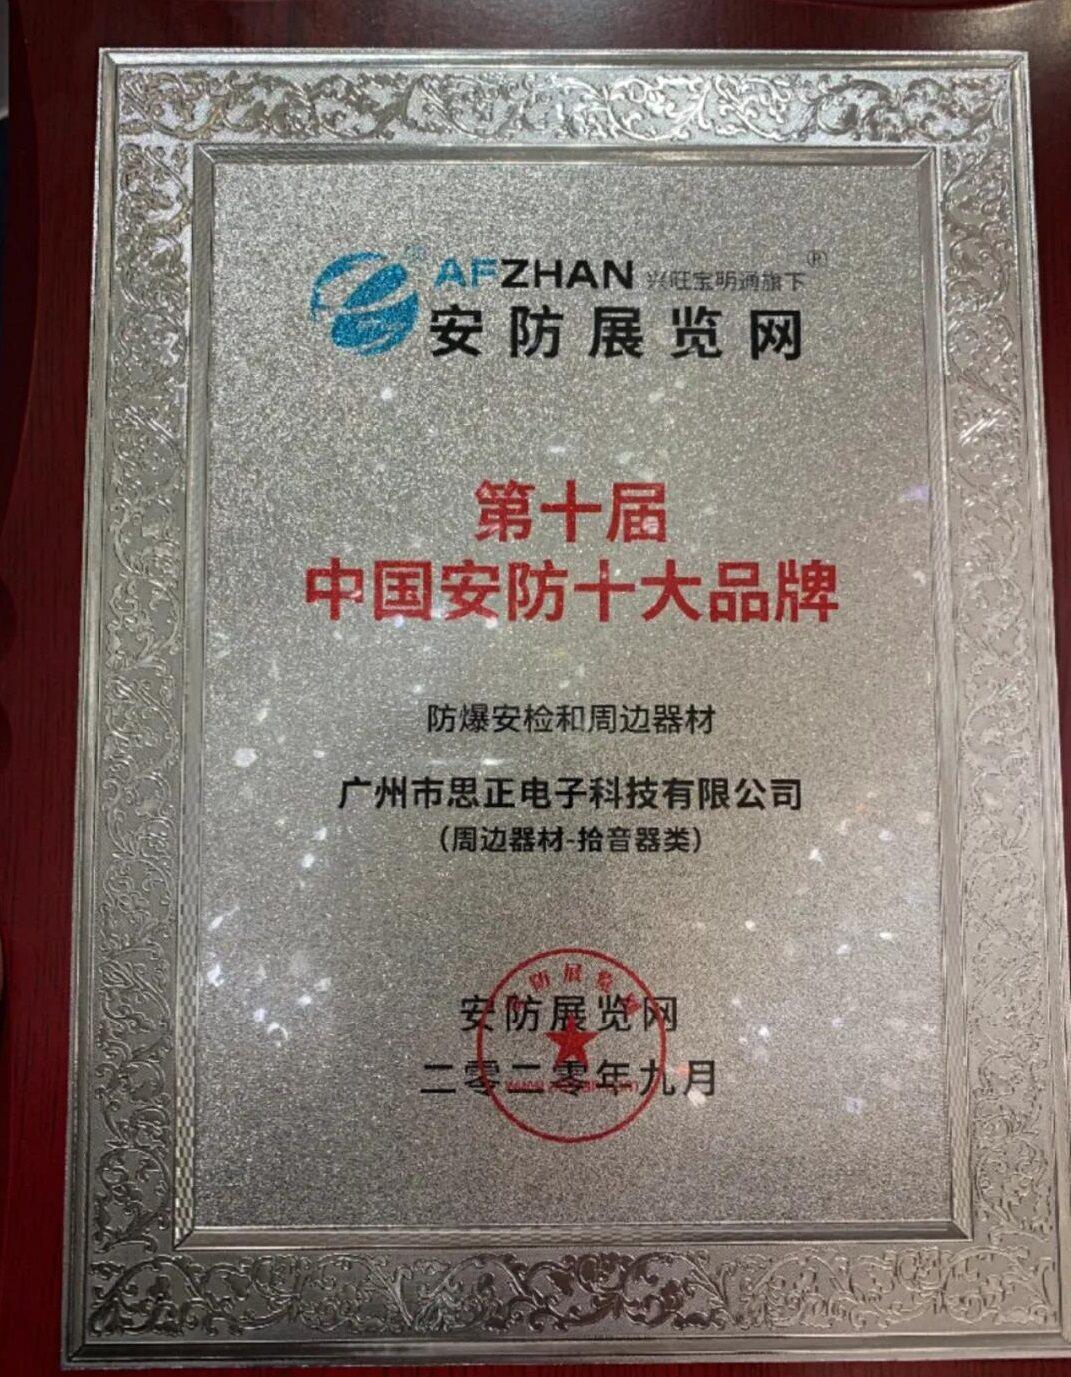 思正股份荣获三大奖项 创造安防道路新价值